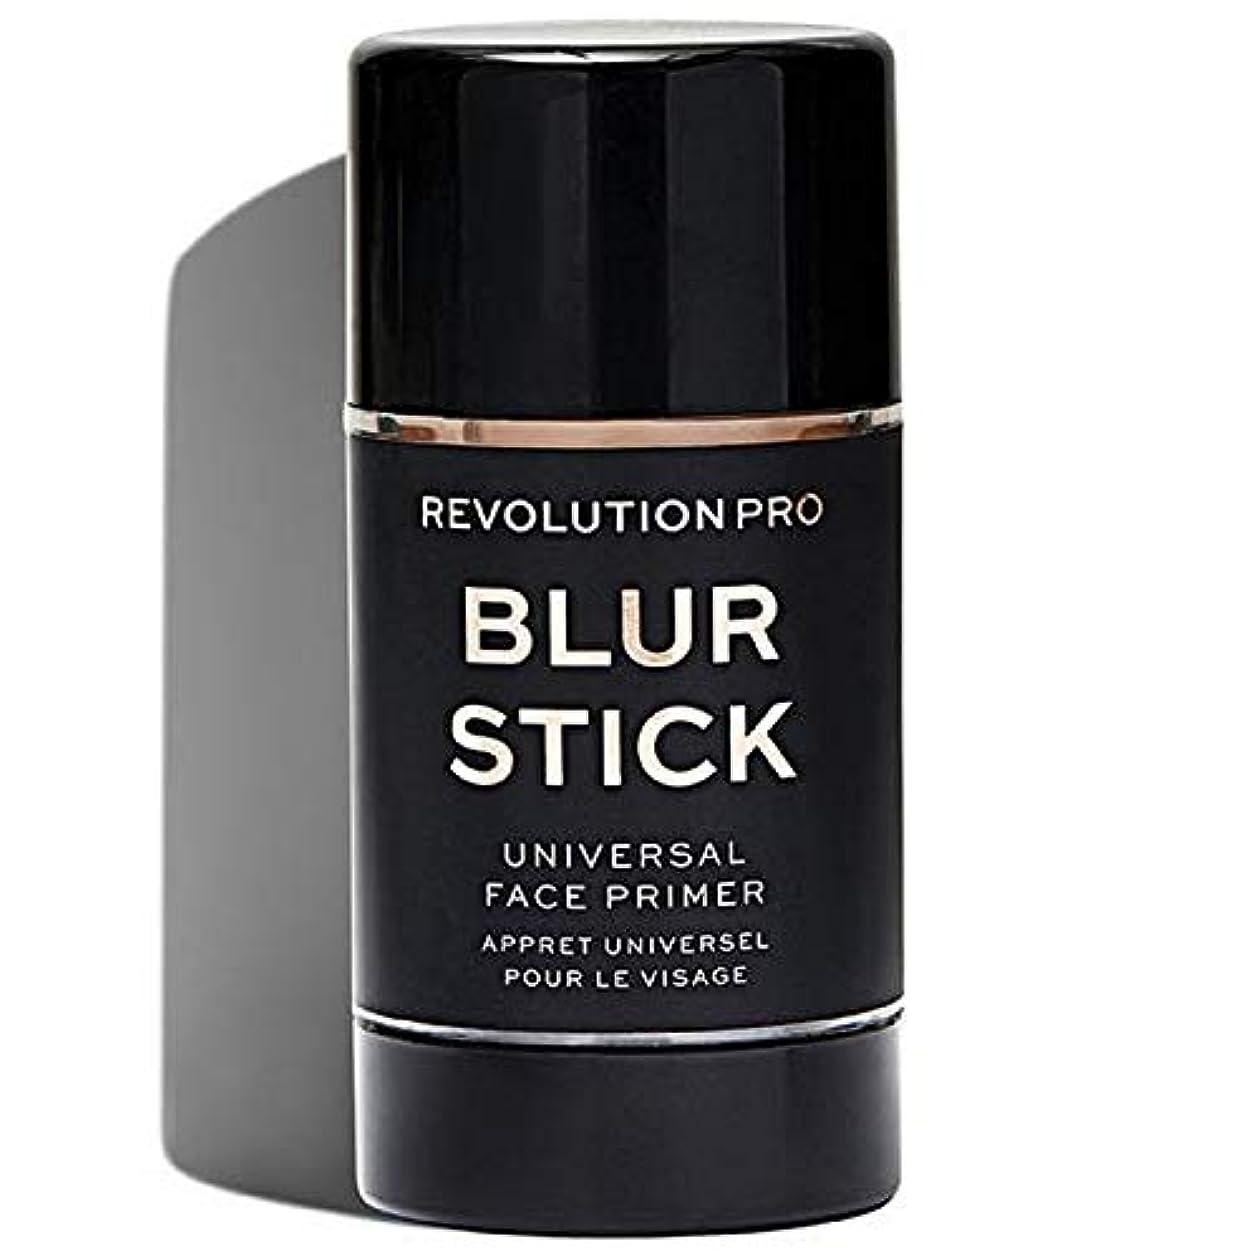 ベアリングサークルドール群れ[Revolution ] 革命プロブラースティック - Revolution Pro Blur Stick [並行輸入品]